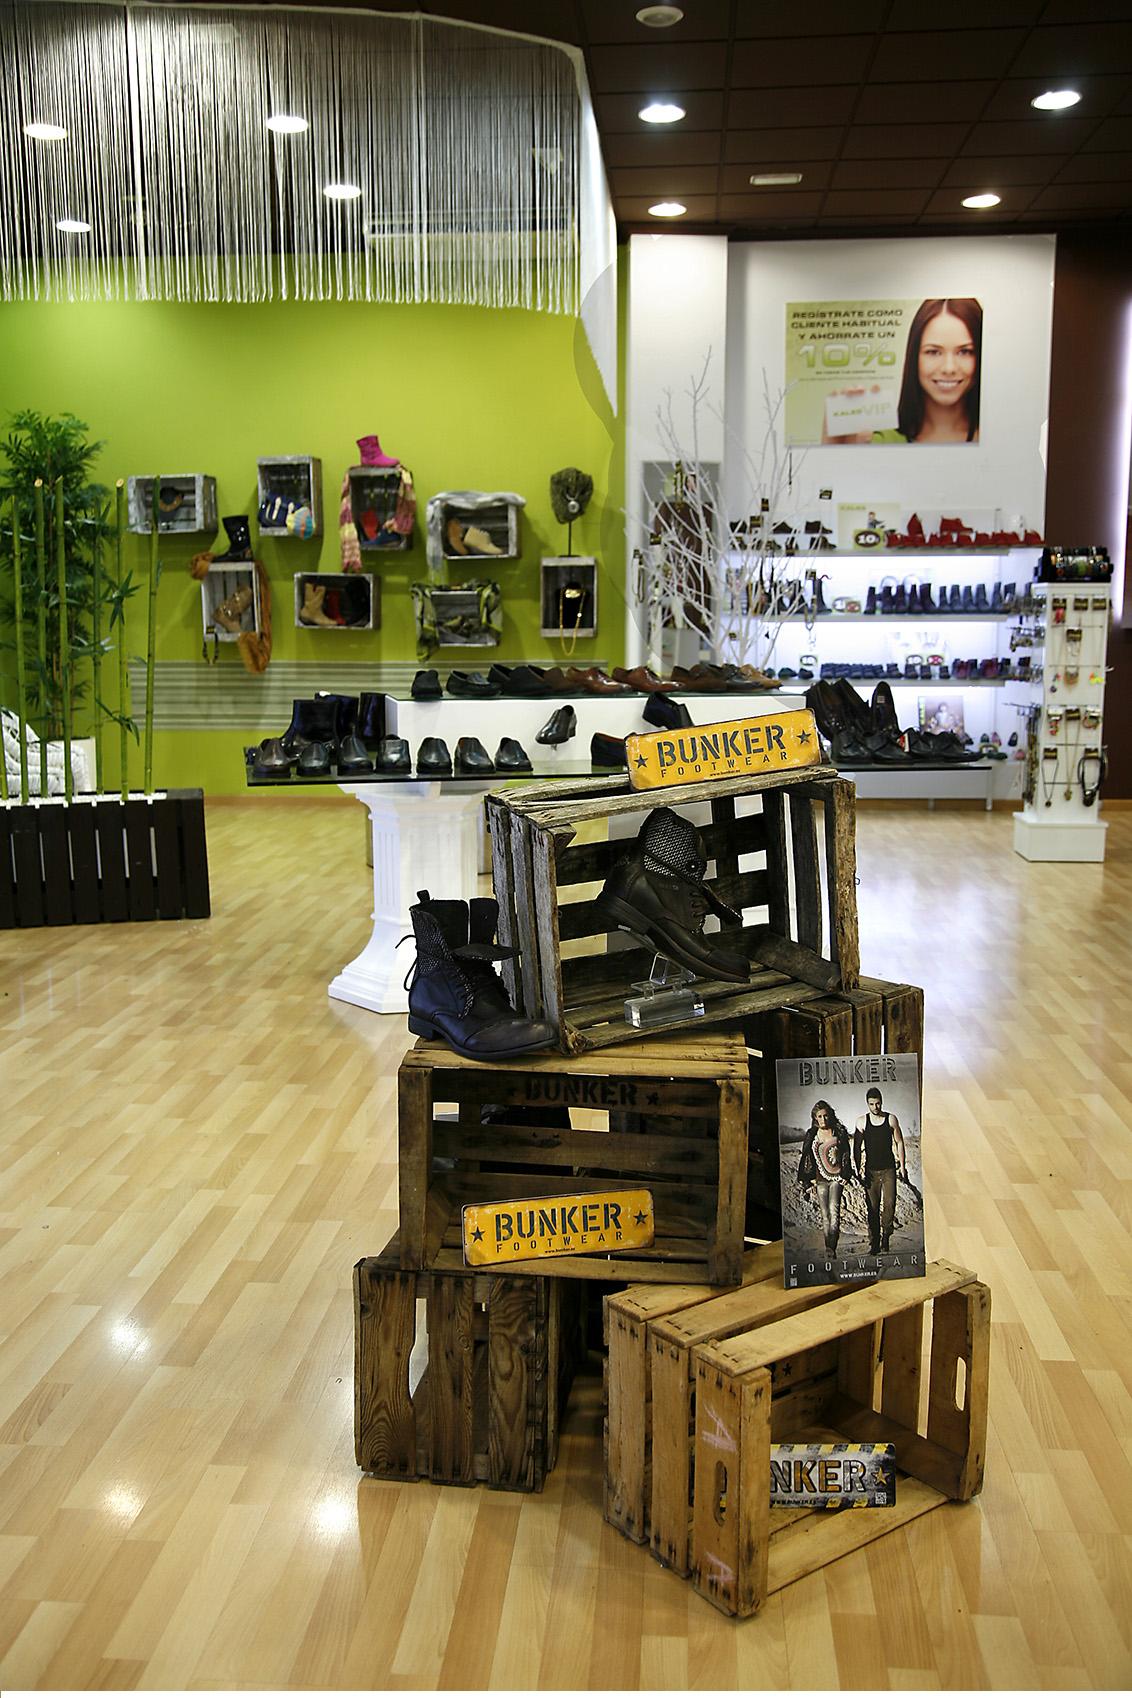 Fotografía publicitaria Albacete, fotografías interiores. Tienda C/ Zapateros, zapaterías Kalzo Albacete.